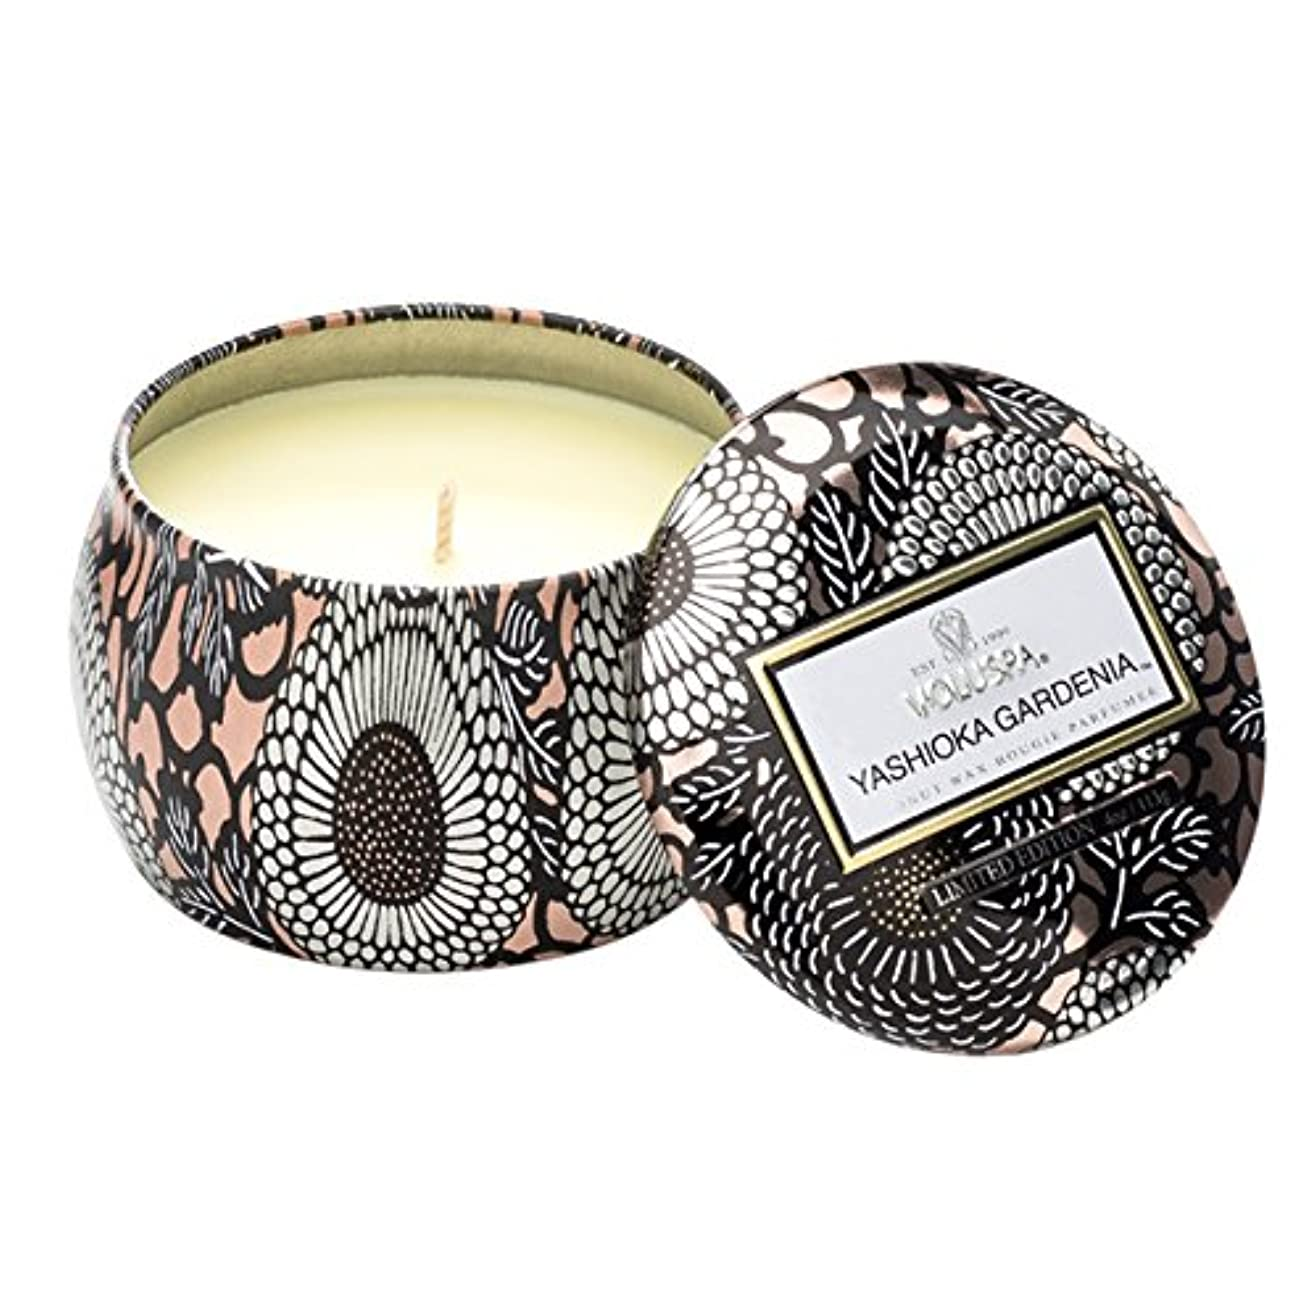 既に事故パキスタンVoluspa ボルスパ ジャポニカ リミテッド ティンキャンドル  S ヤシオカガーデニア YASHIOKA GARDENIA JAPONICA Limited PETITE Tin Glass Candle